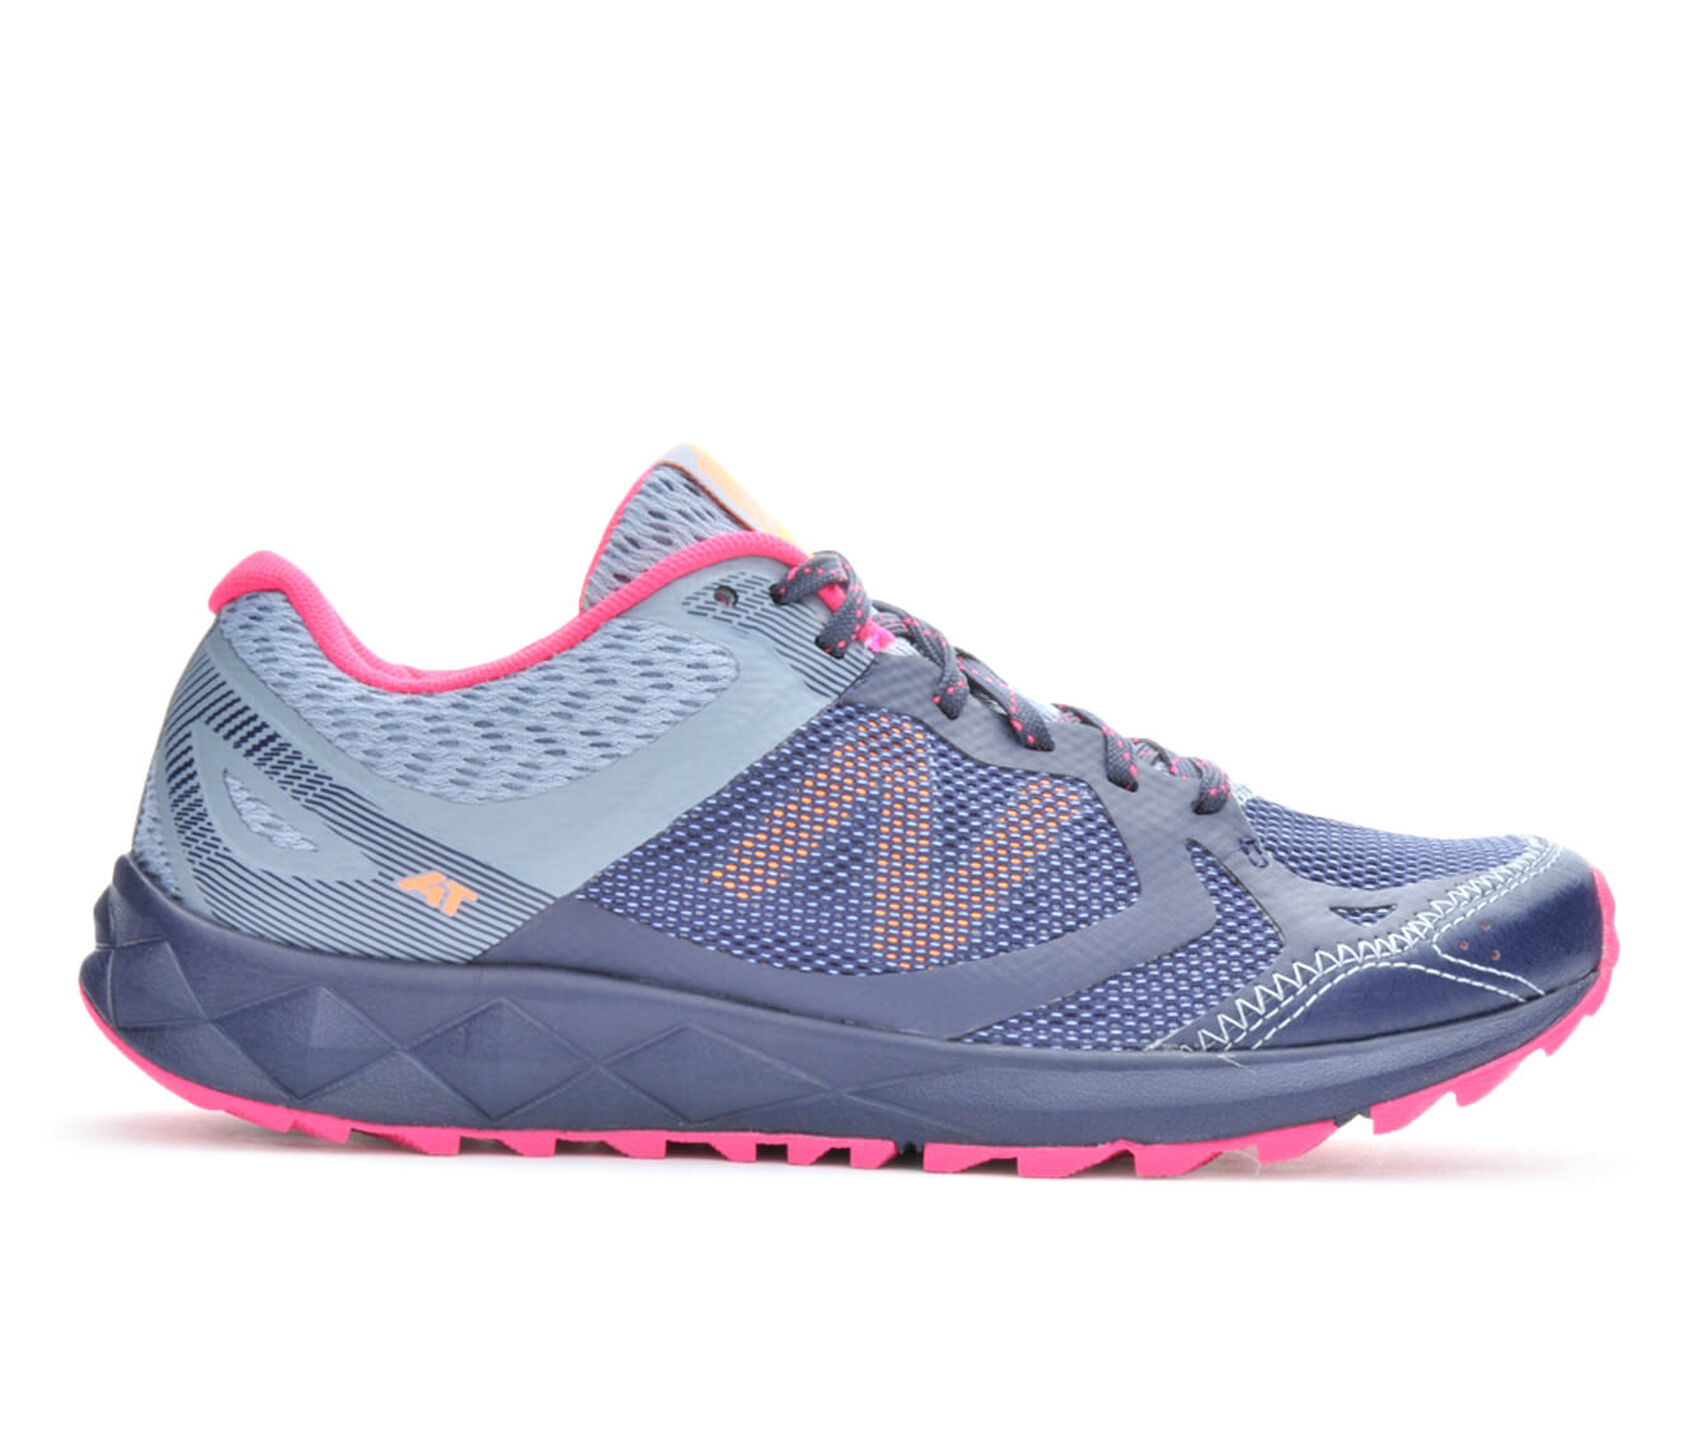 New Balance Women Running Shoe Pink Black Yellow